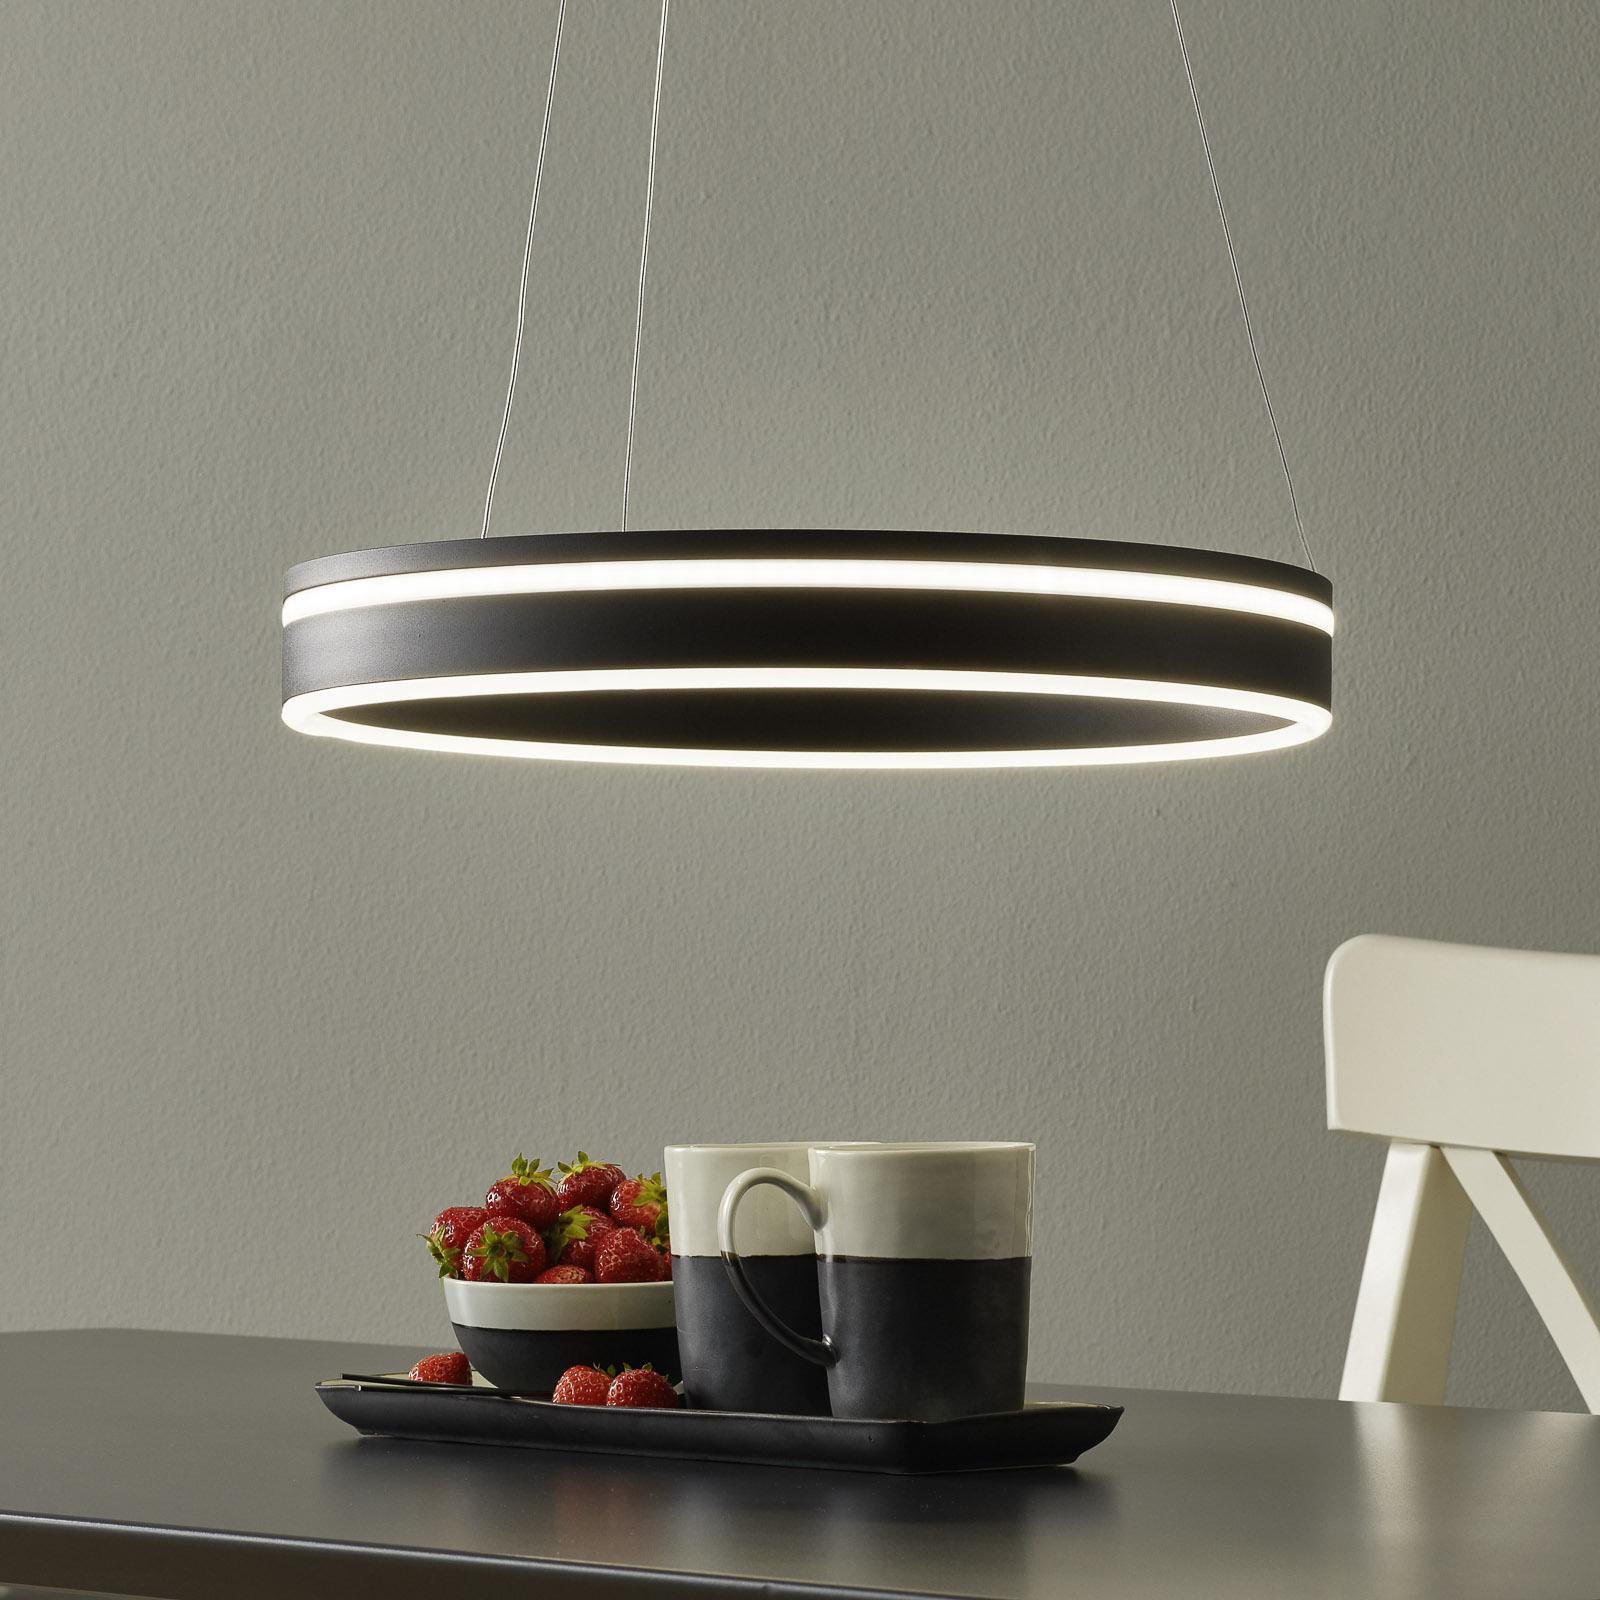 Paul Neuhaus Q-VITO LED-Hängelampe 40cm anthrazit